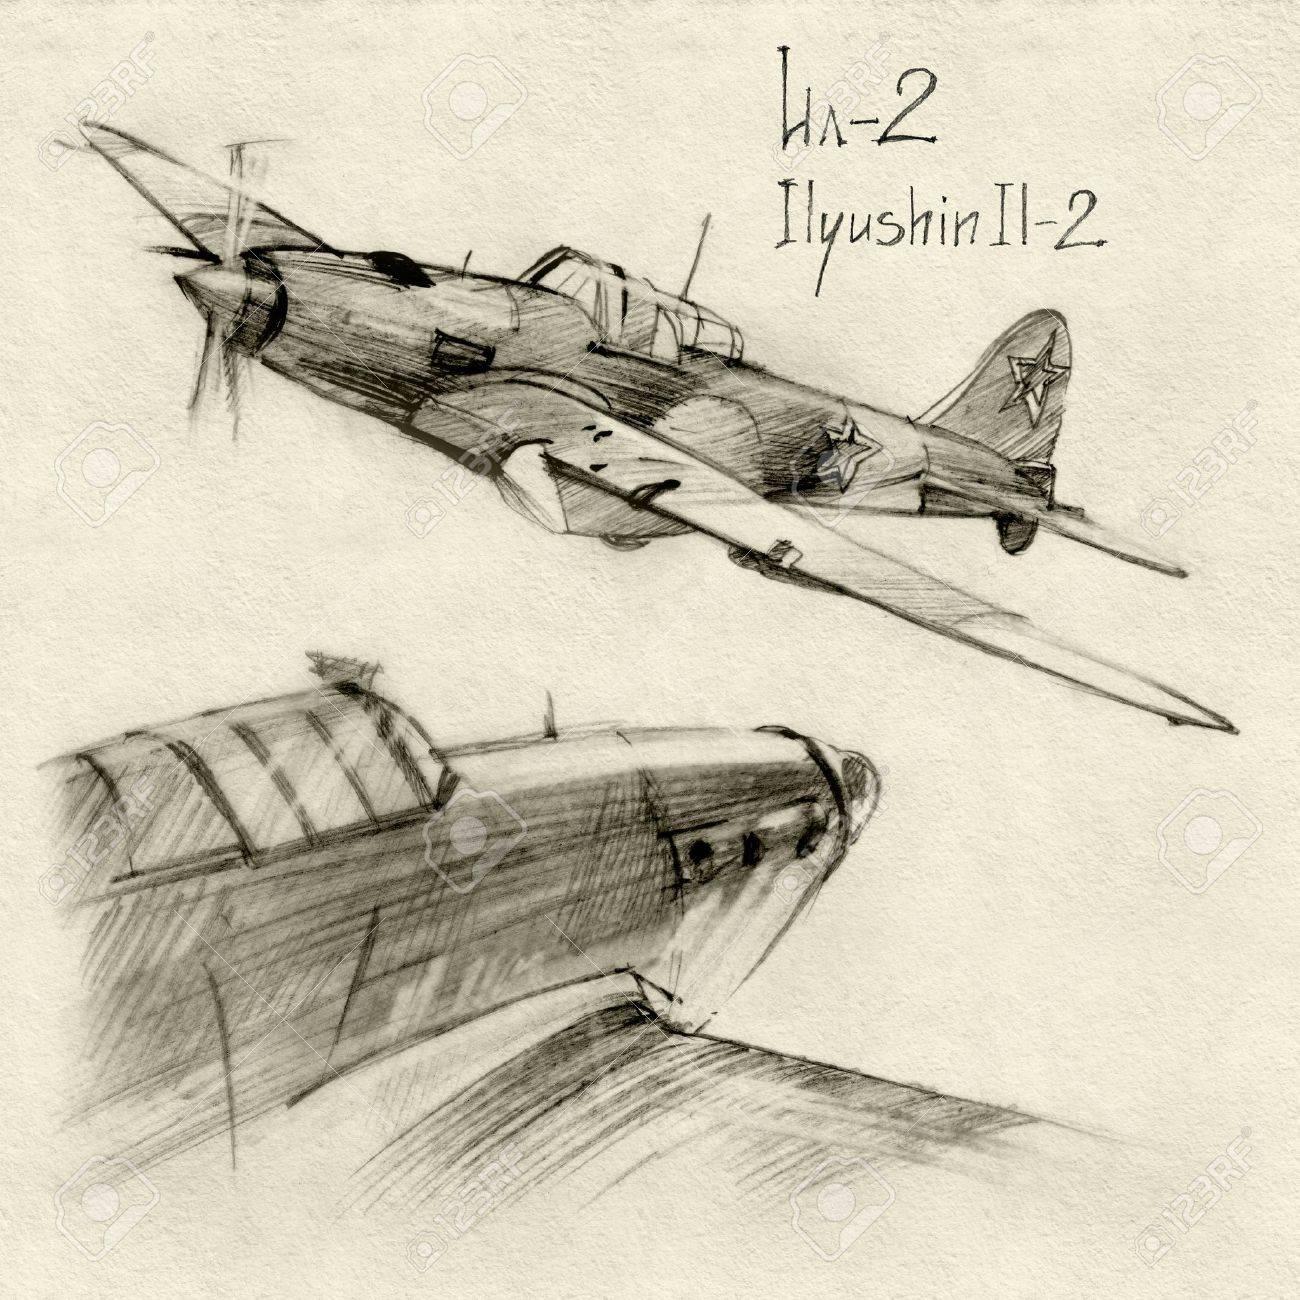 ソビエト軍 Enginery のシリーズ。イリューシン Il-2 第二次世界大戦の ...